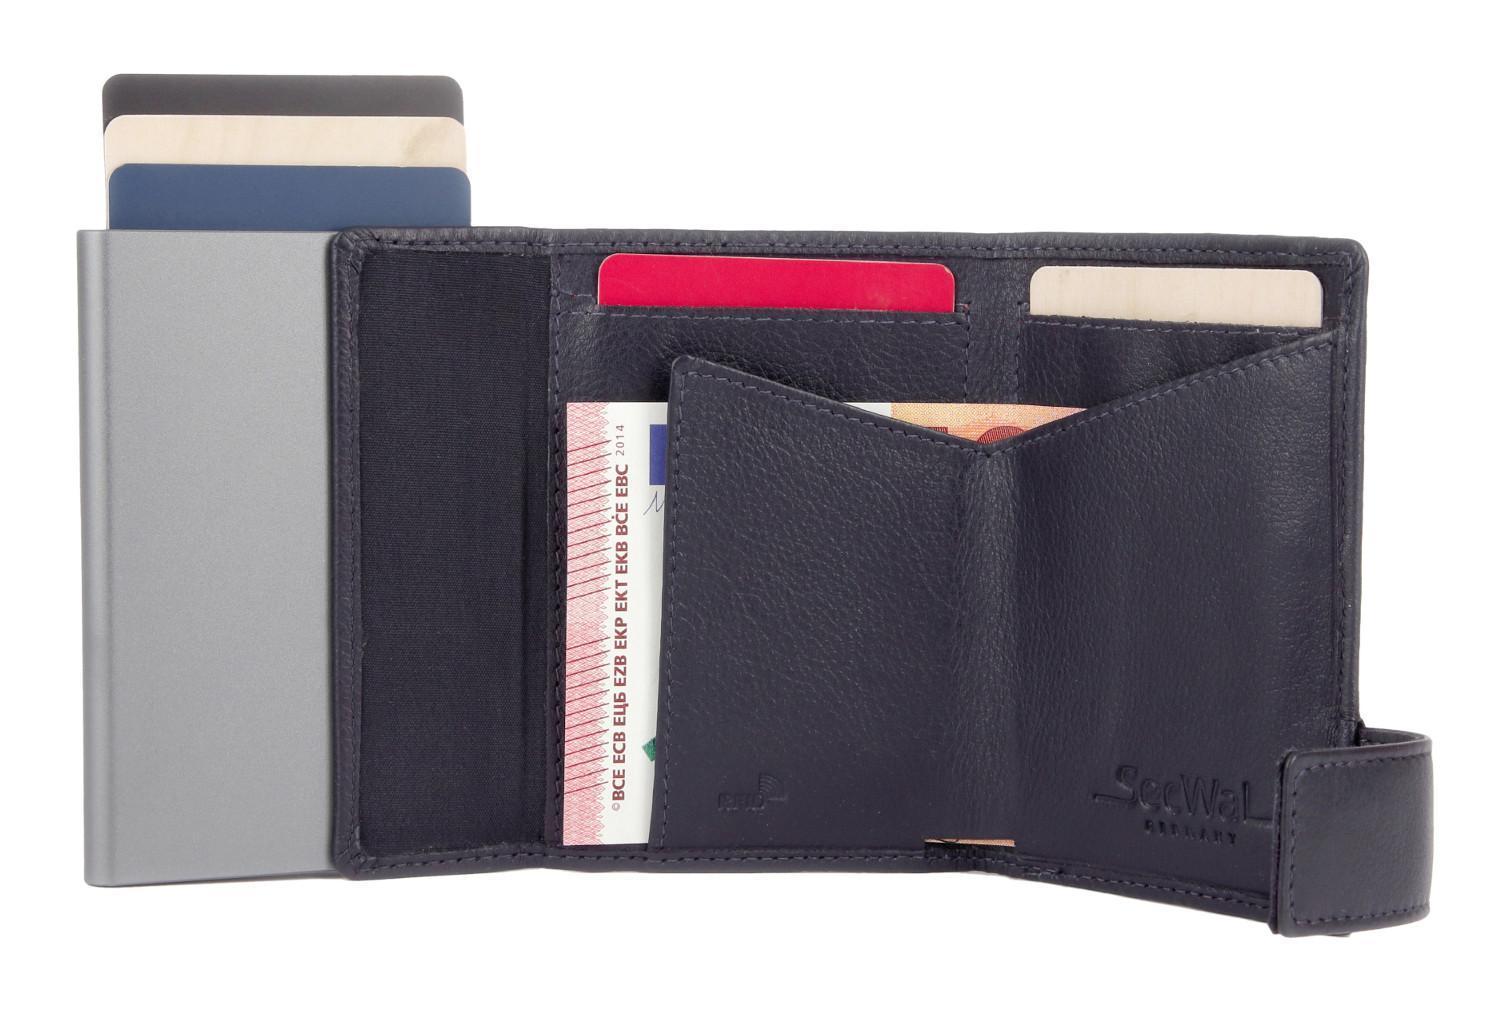 SecWal Lederbörse Cardprotector RFID Metallhülle navy blau